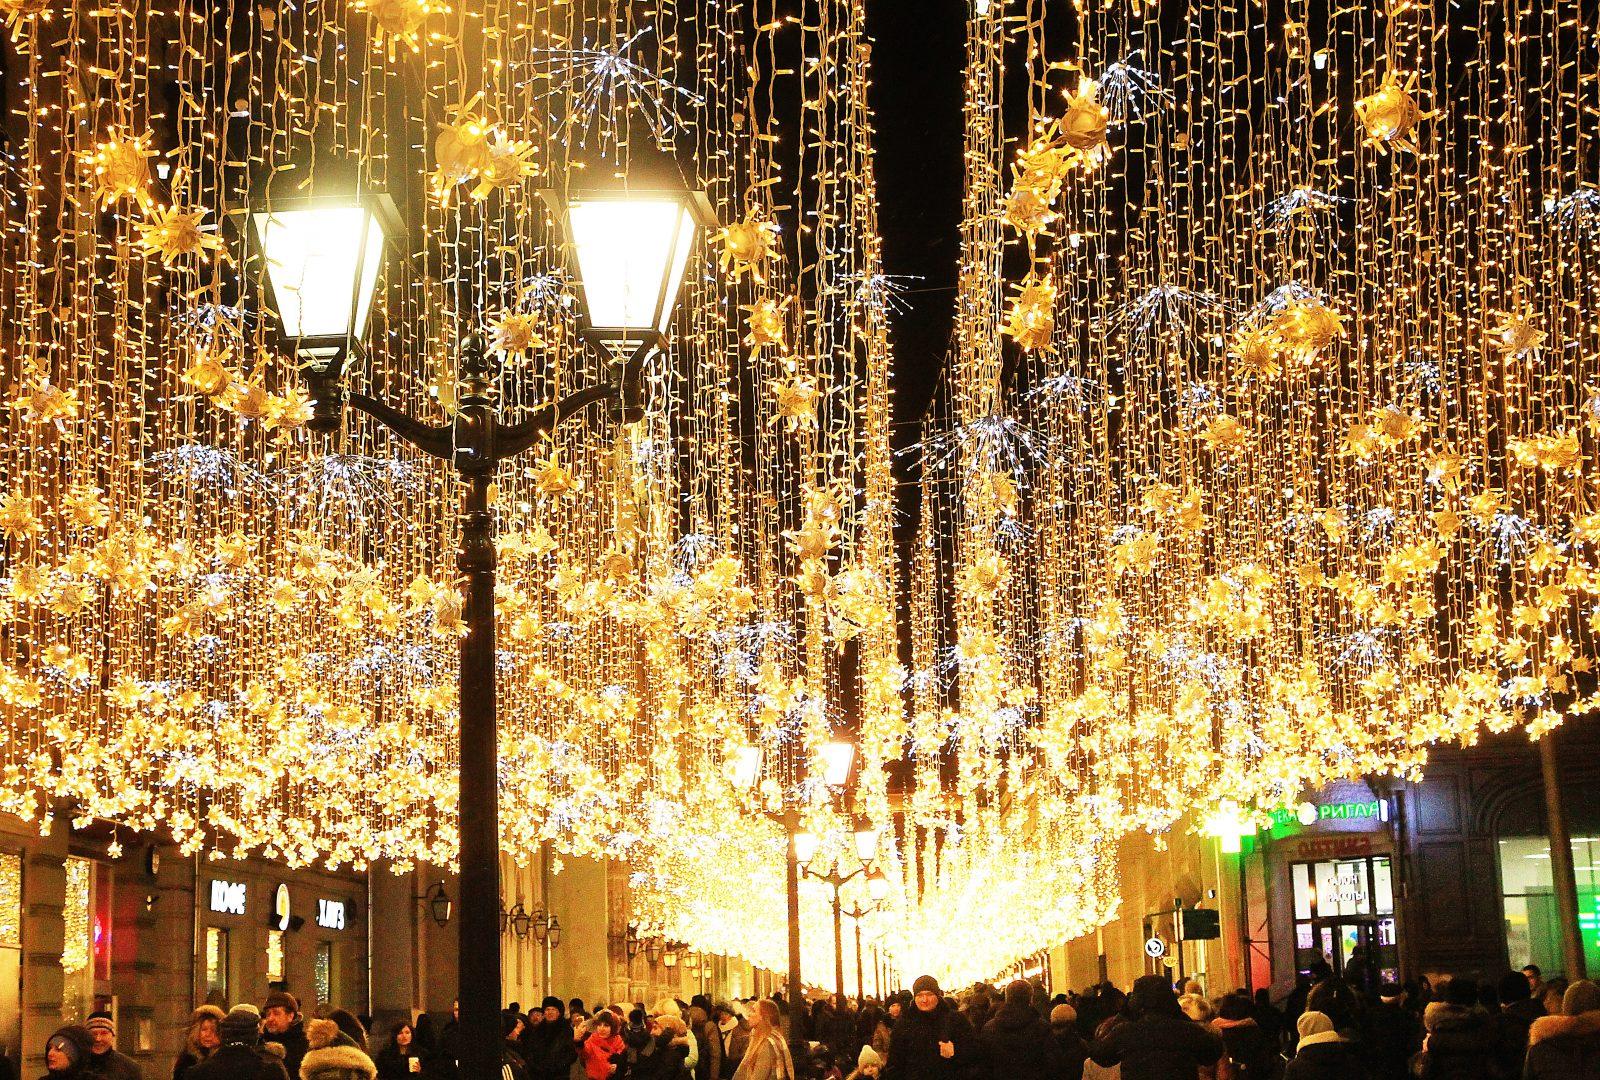 Площадки московского фестиваля «Путешествие в Рождество». Фото: архив